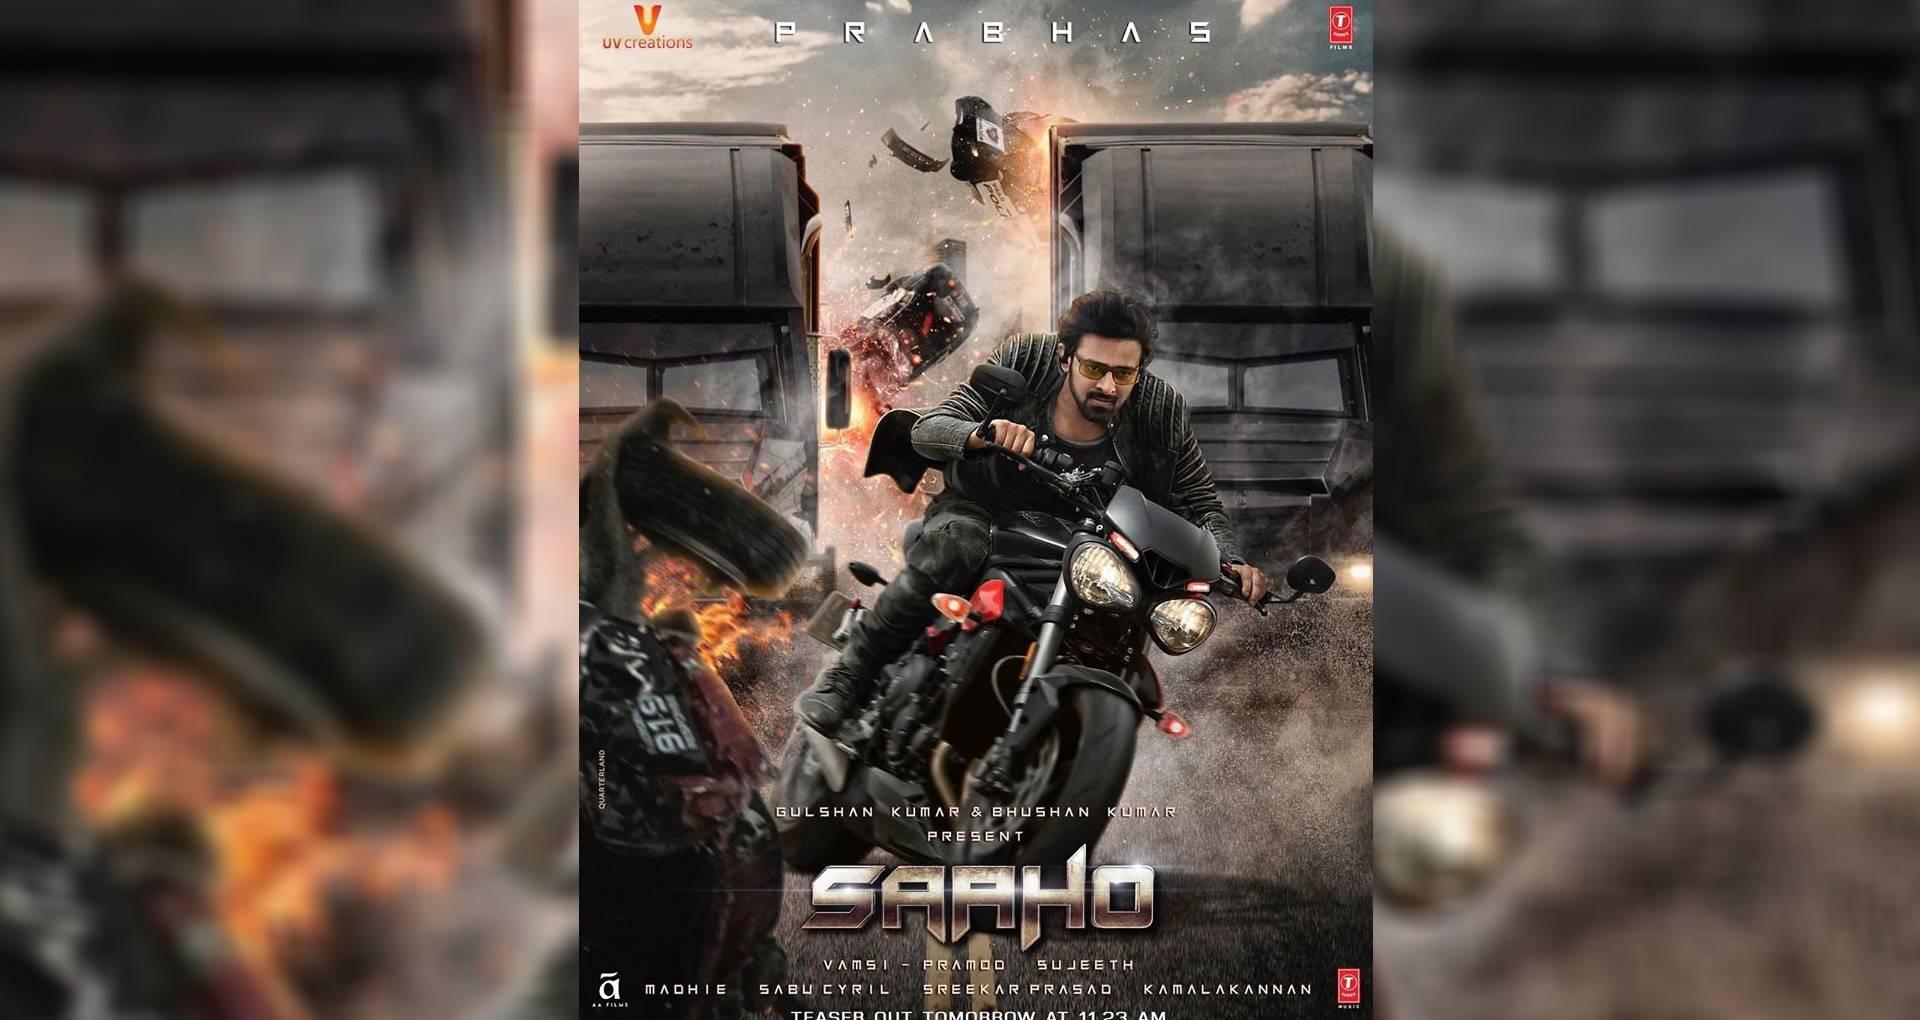 साहो का नया पोस्टर रिलीज, दमदार एक्शन में दिखे प्रभास, बाहुबली ने बताया इस दिन होगा फिल्म का टीजर रिलीज